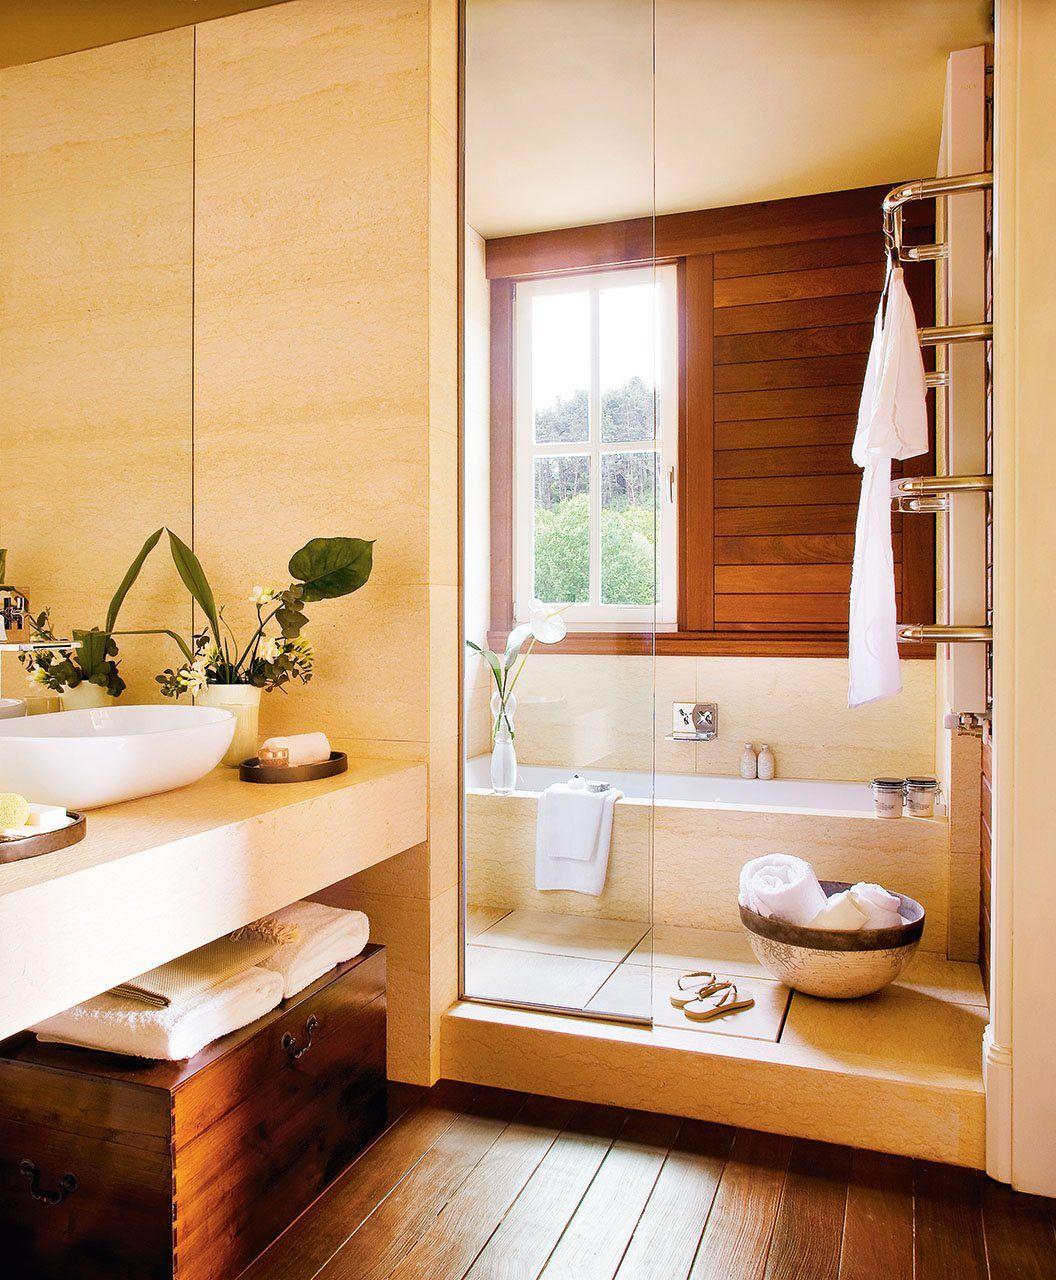 Con ducha y ba era en poco m s de 7 m2 decorarte for Banos pequenos con ducha y banera